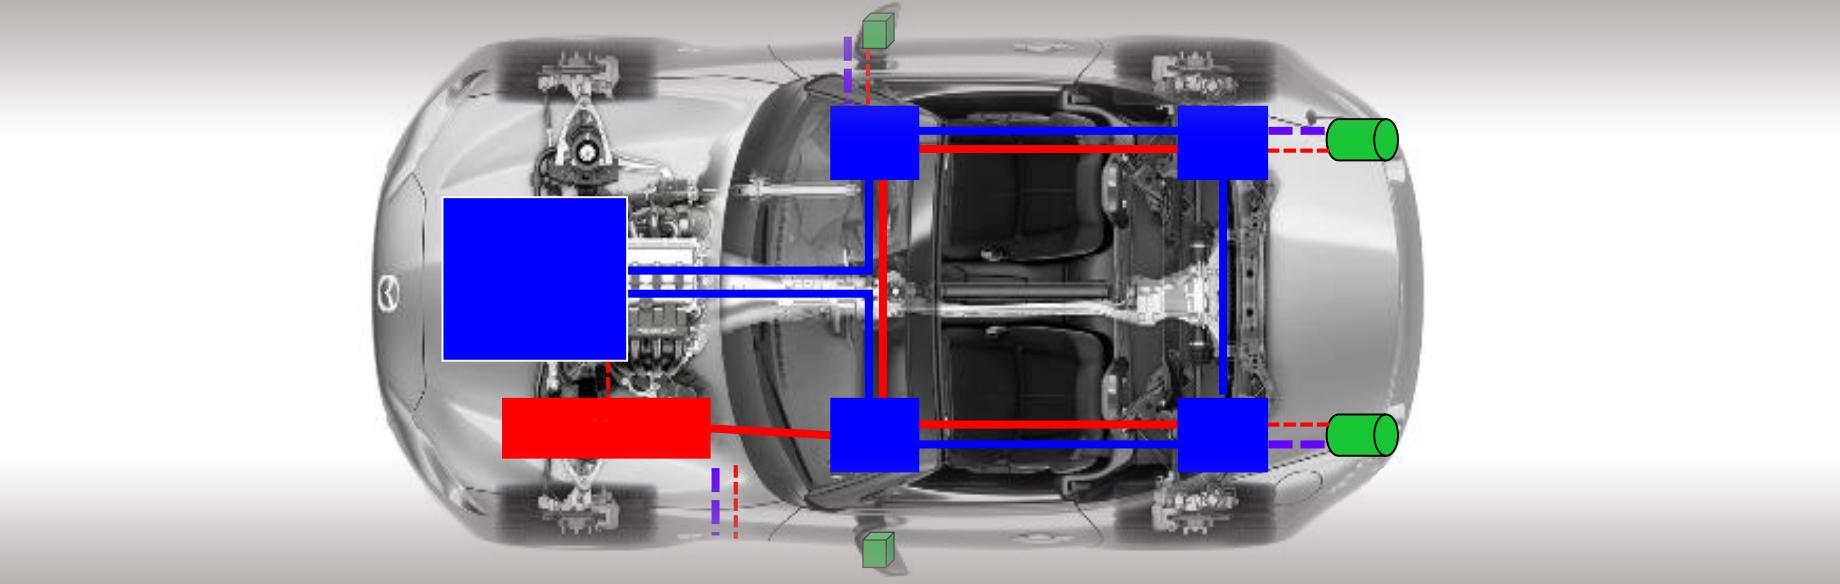 Mazda анонсировала несколько новых силовых агрегатов